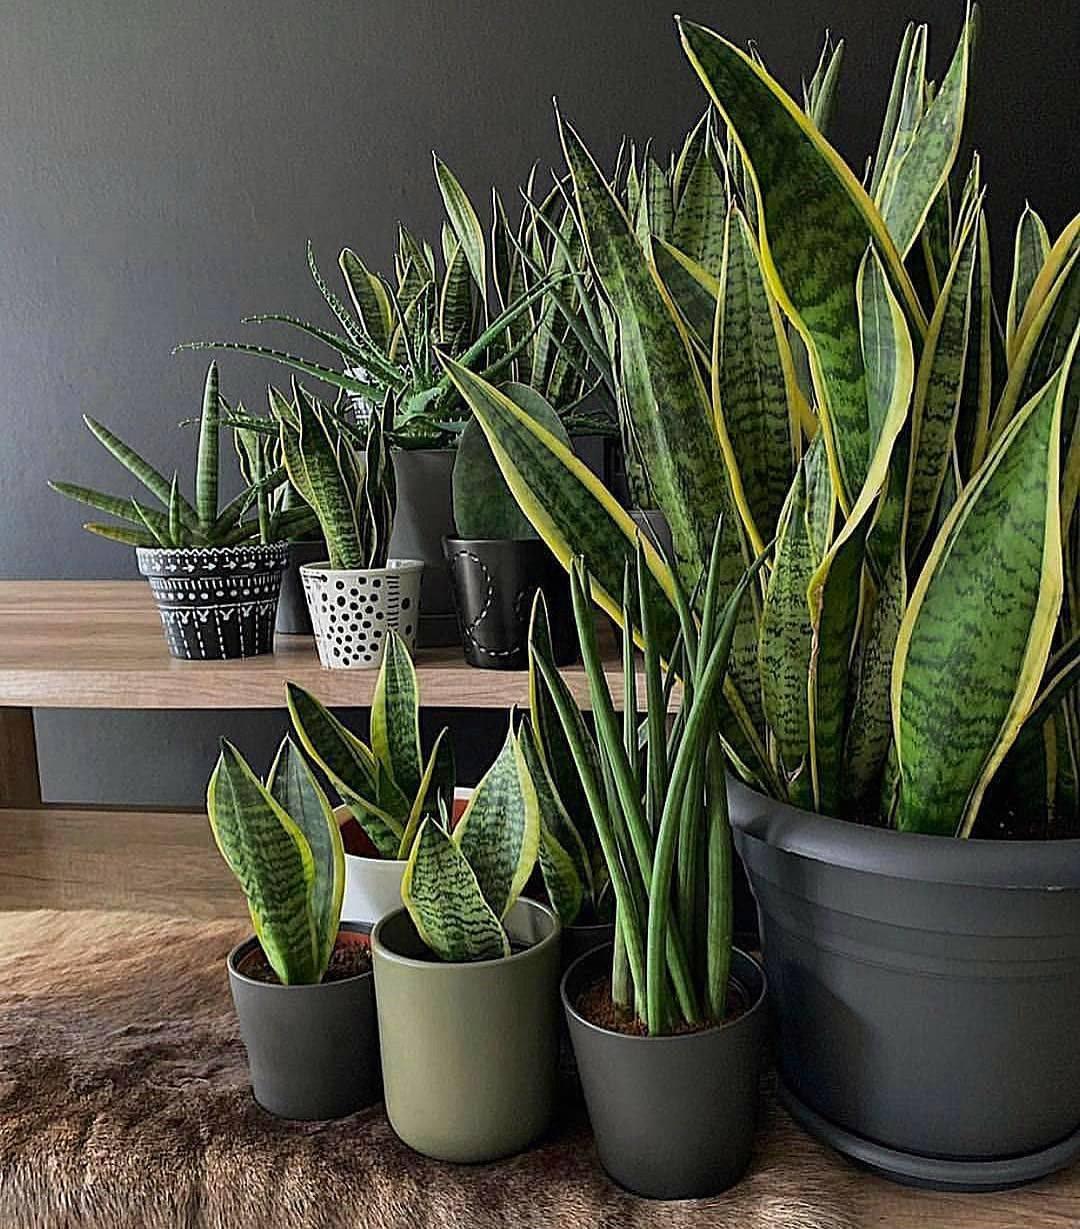 Неприхотливые комнатные растения (42 фото): названия тенелюбивых домашних цветов в горшках, красивые большие и маленькие непривередливые цветы для квартиры